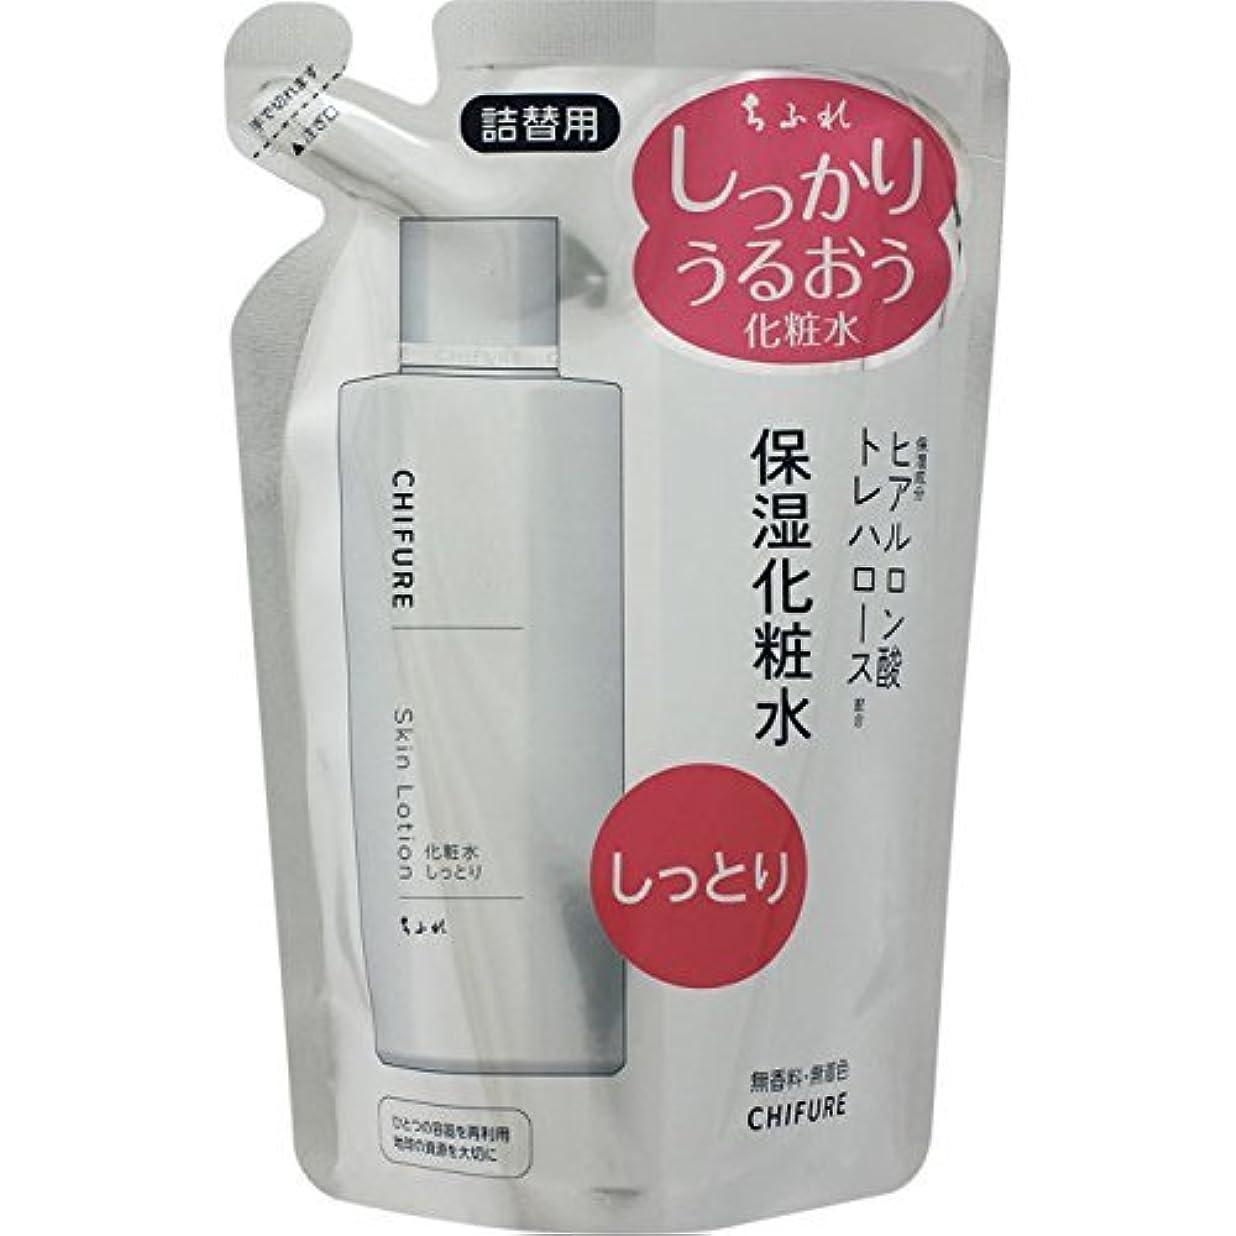 提供された評価する革命的ちふれ化粧品 化粧水 しっとりタイプ N 詰替え用 150ml 150ML